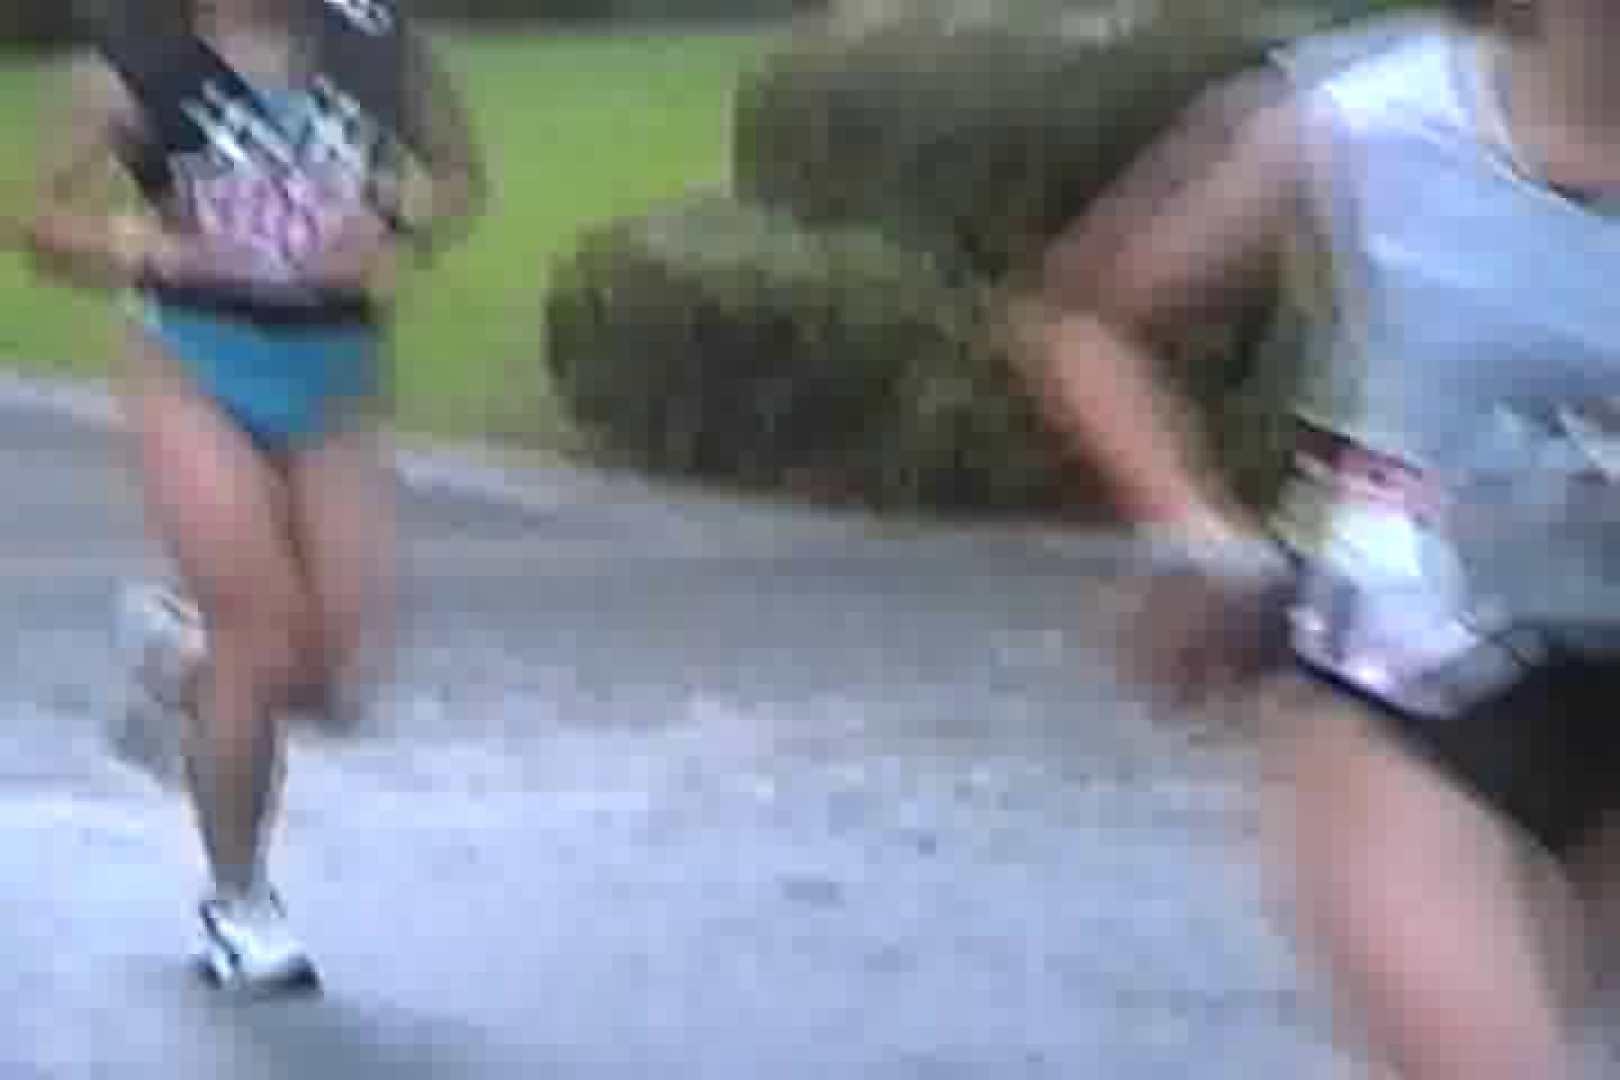 鉄人レース!!トライアスロンに挑む女性達!!Vol.4 OL女体   貧乳  47連発 43